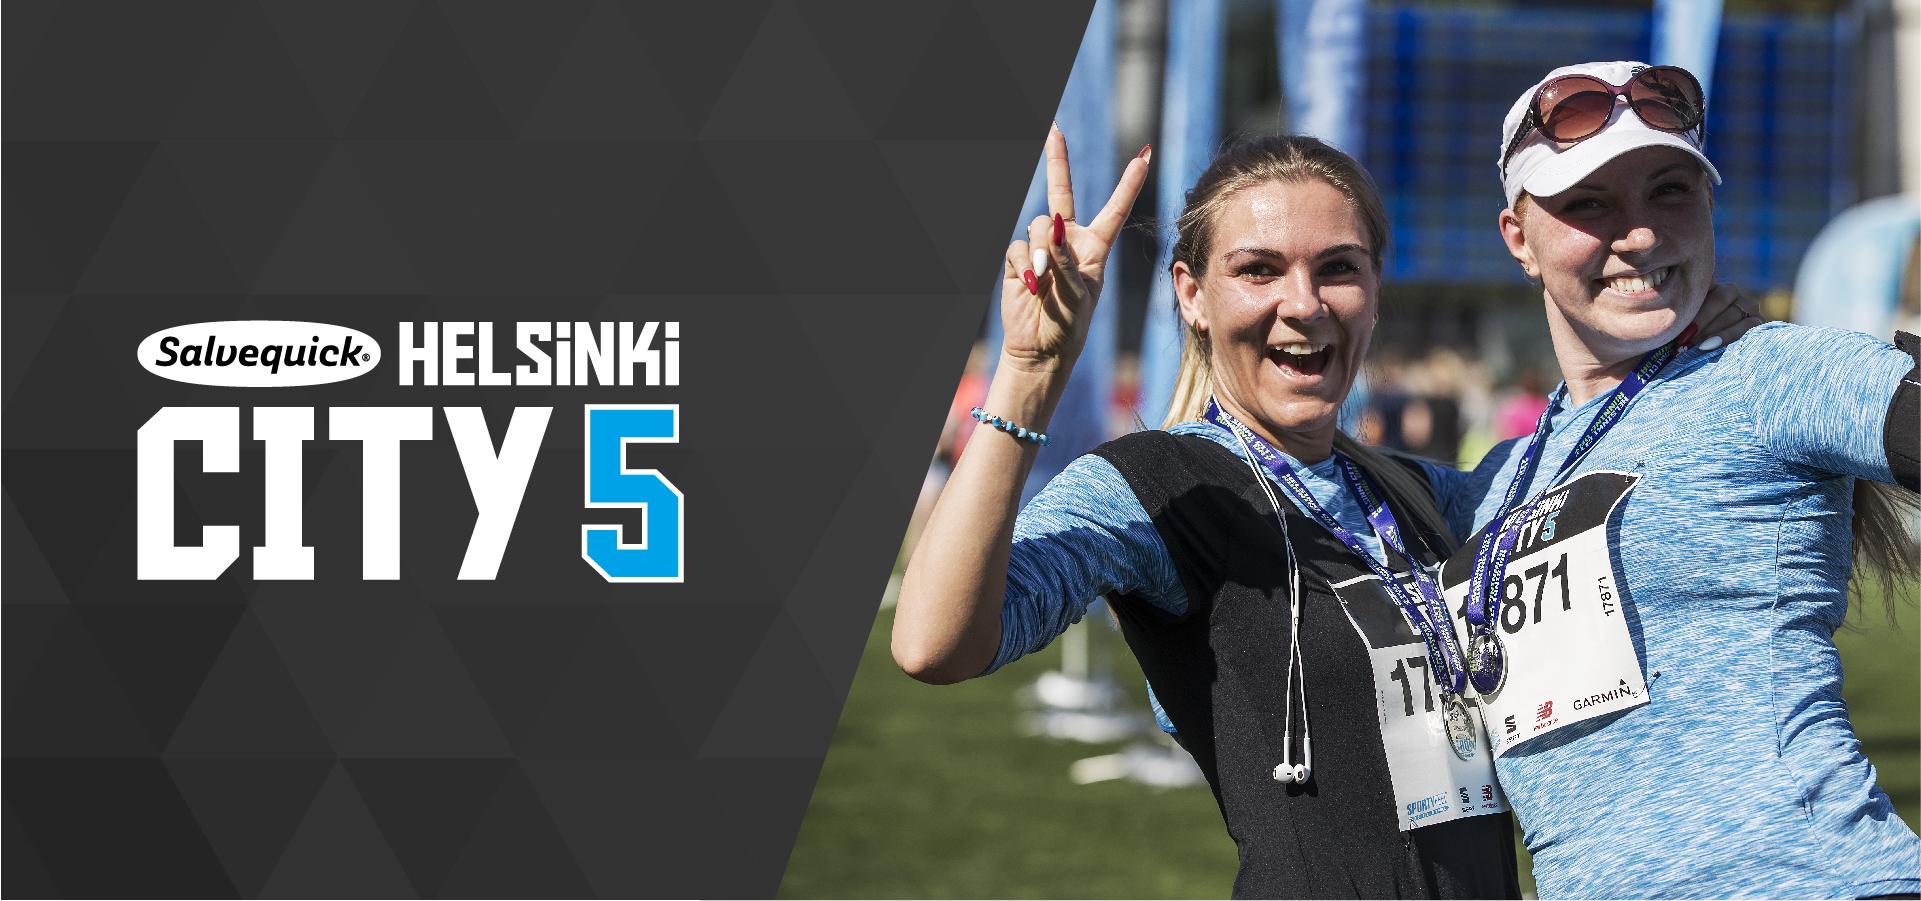 Helsinki 5 km juoksu